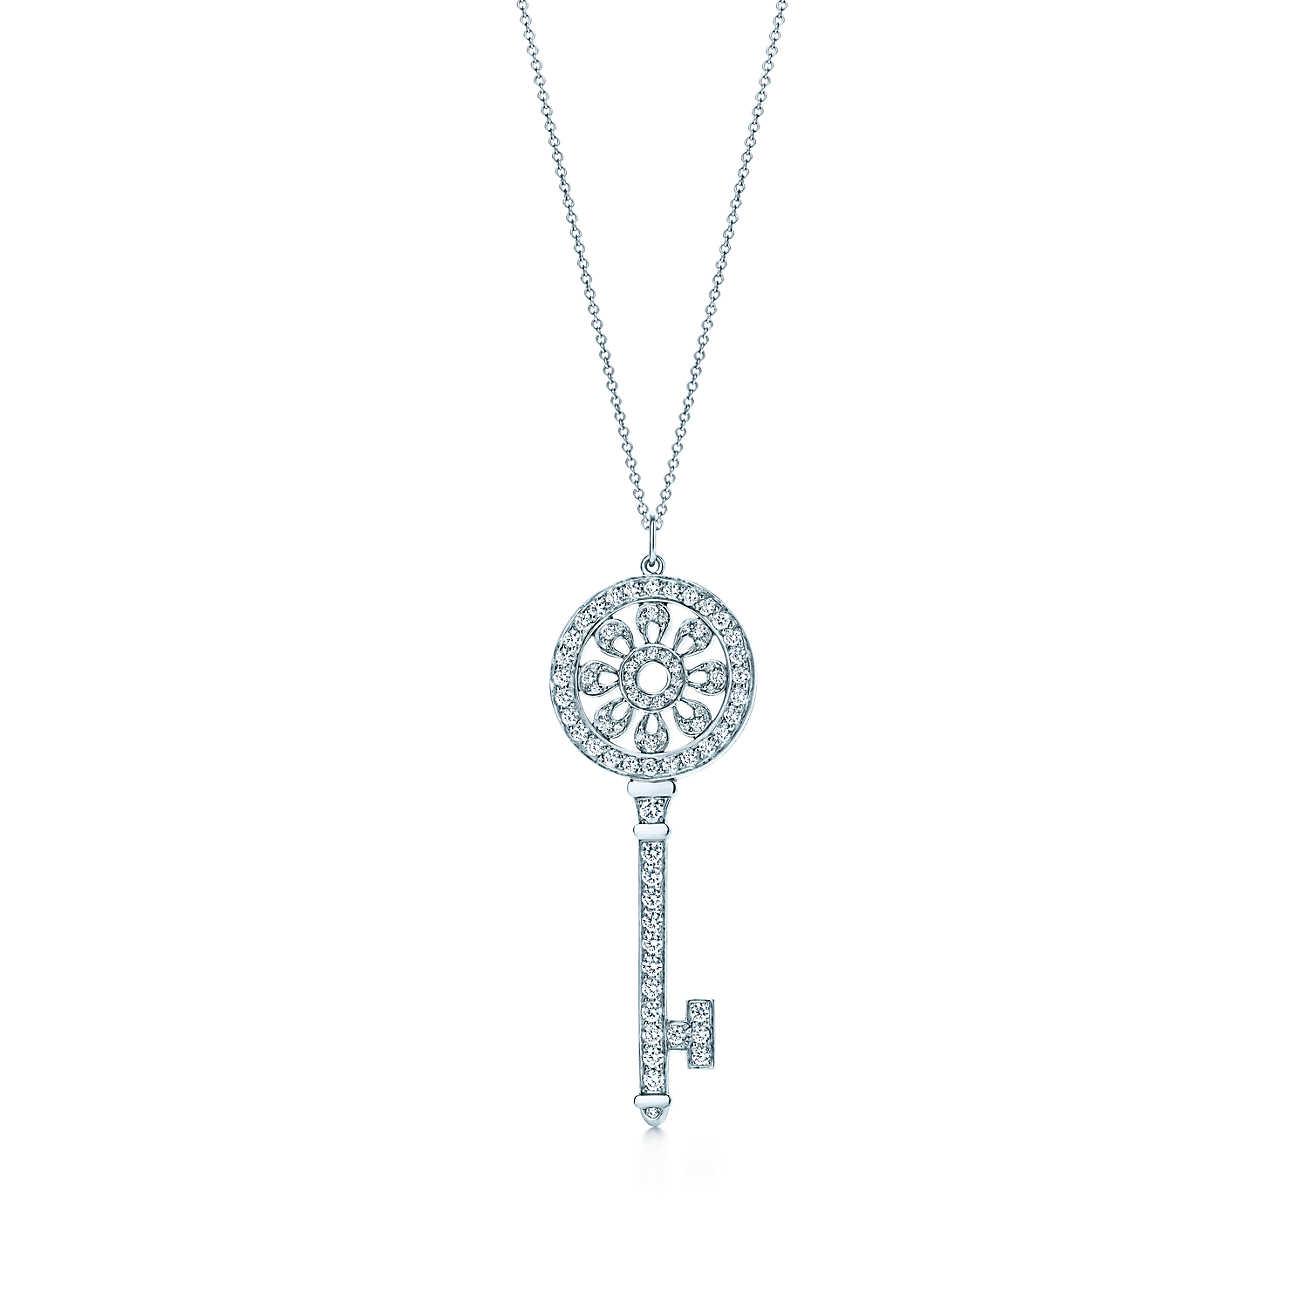 蒂芙尼钥匙项链可以回收多少折